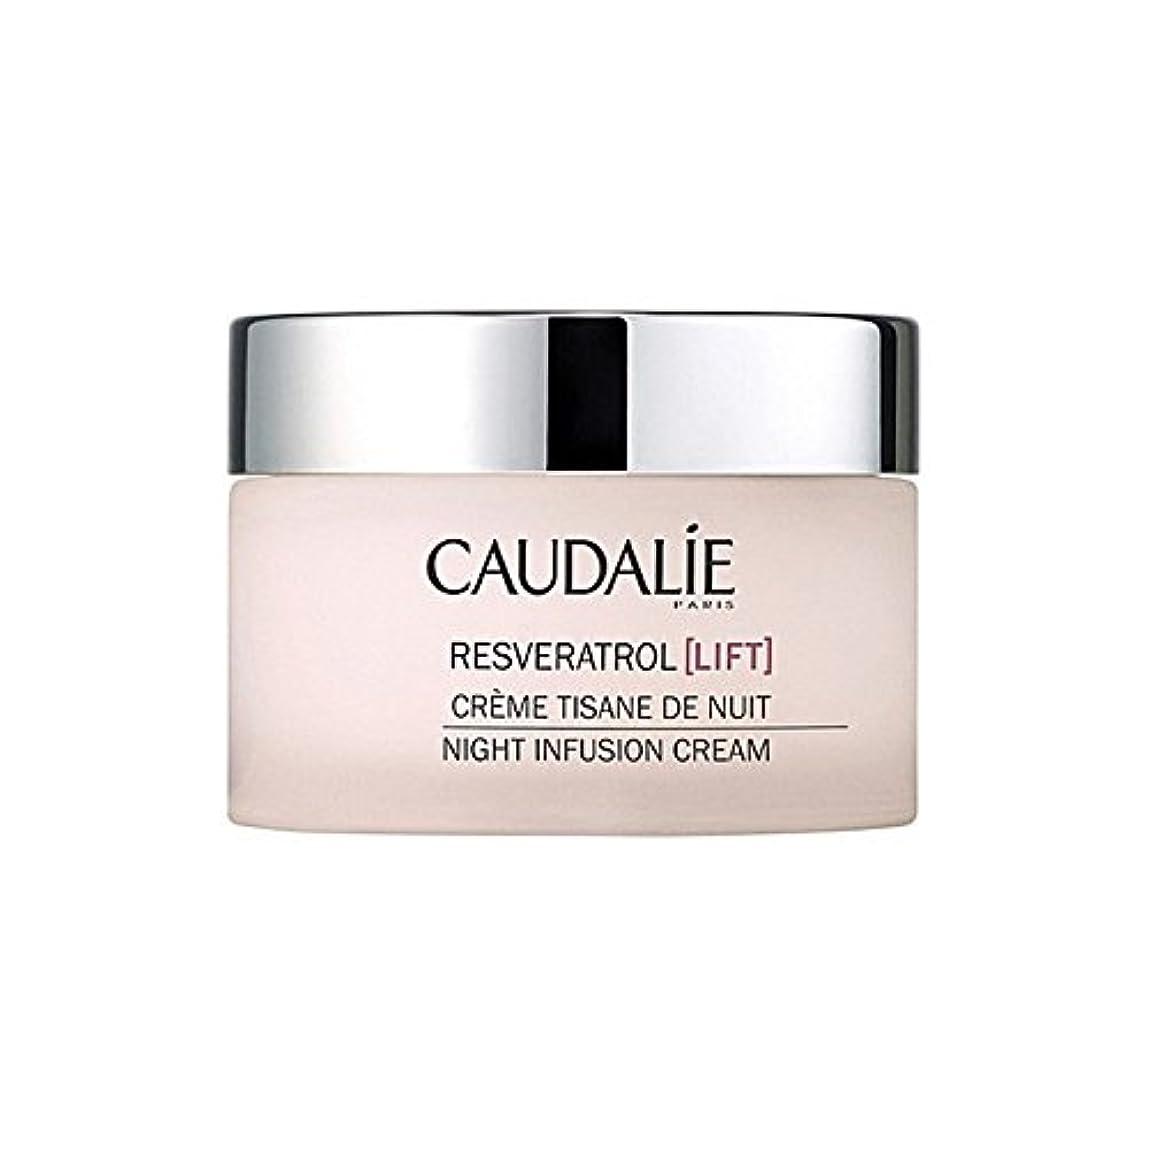 明らかに現代の獲物Caudalie Resveratrol Lift Night Infusion Cream 50Ml - コーダリーレスベラトロールリフト夜の注入クリーム50 [並行輸入品]